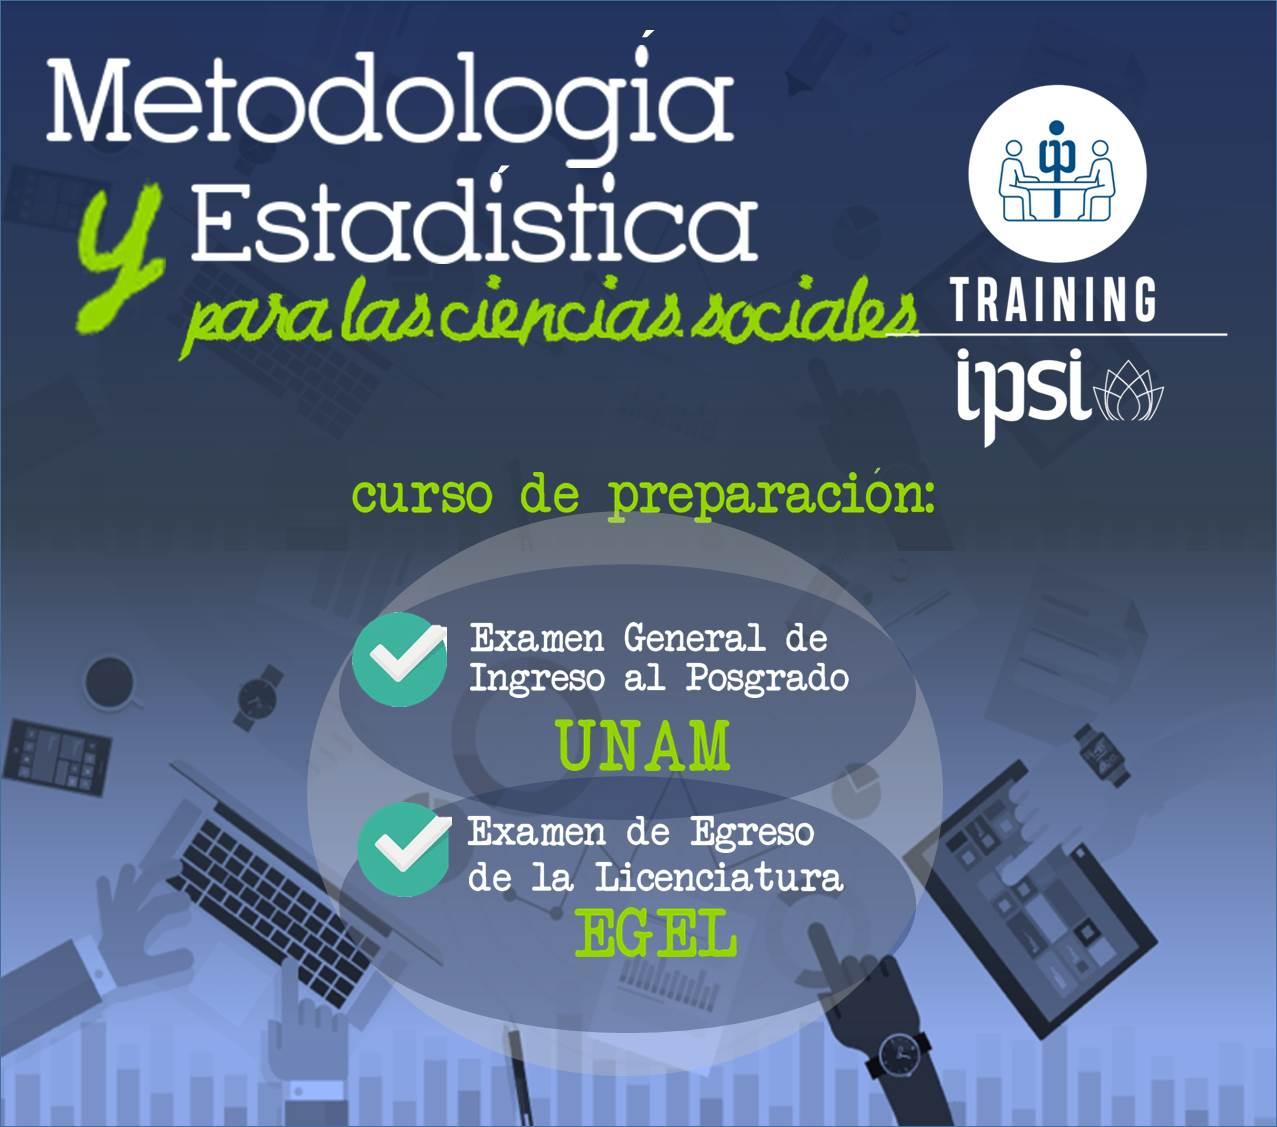 Metodologia y Estadistica Portada